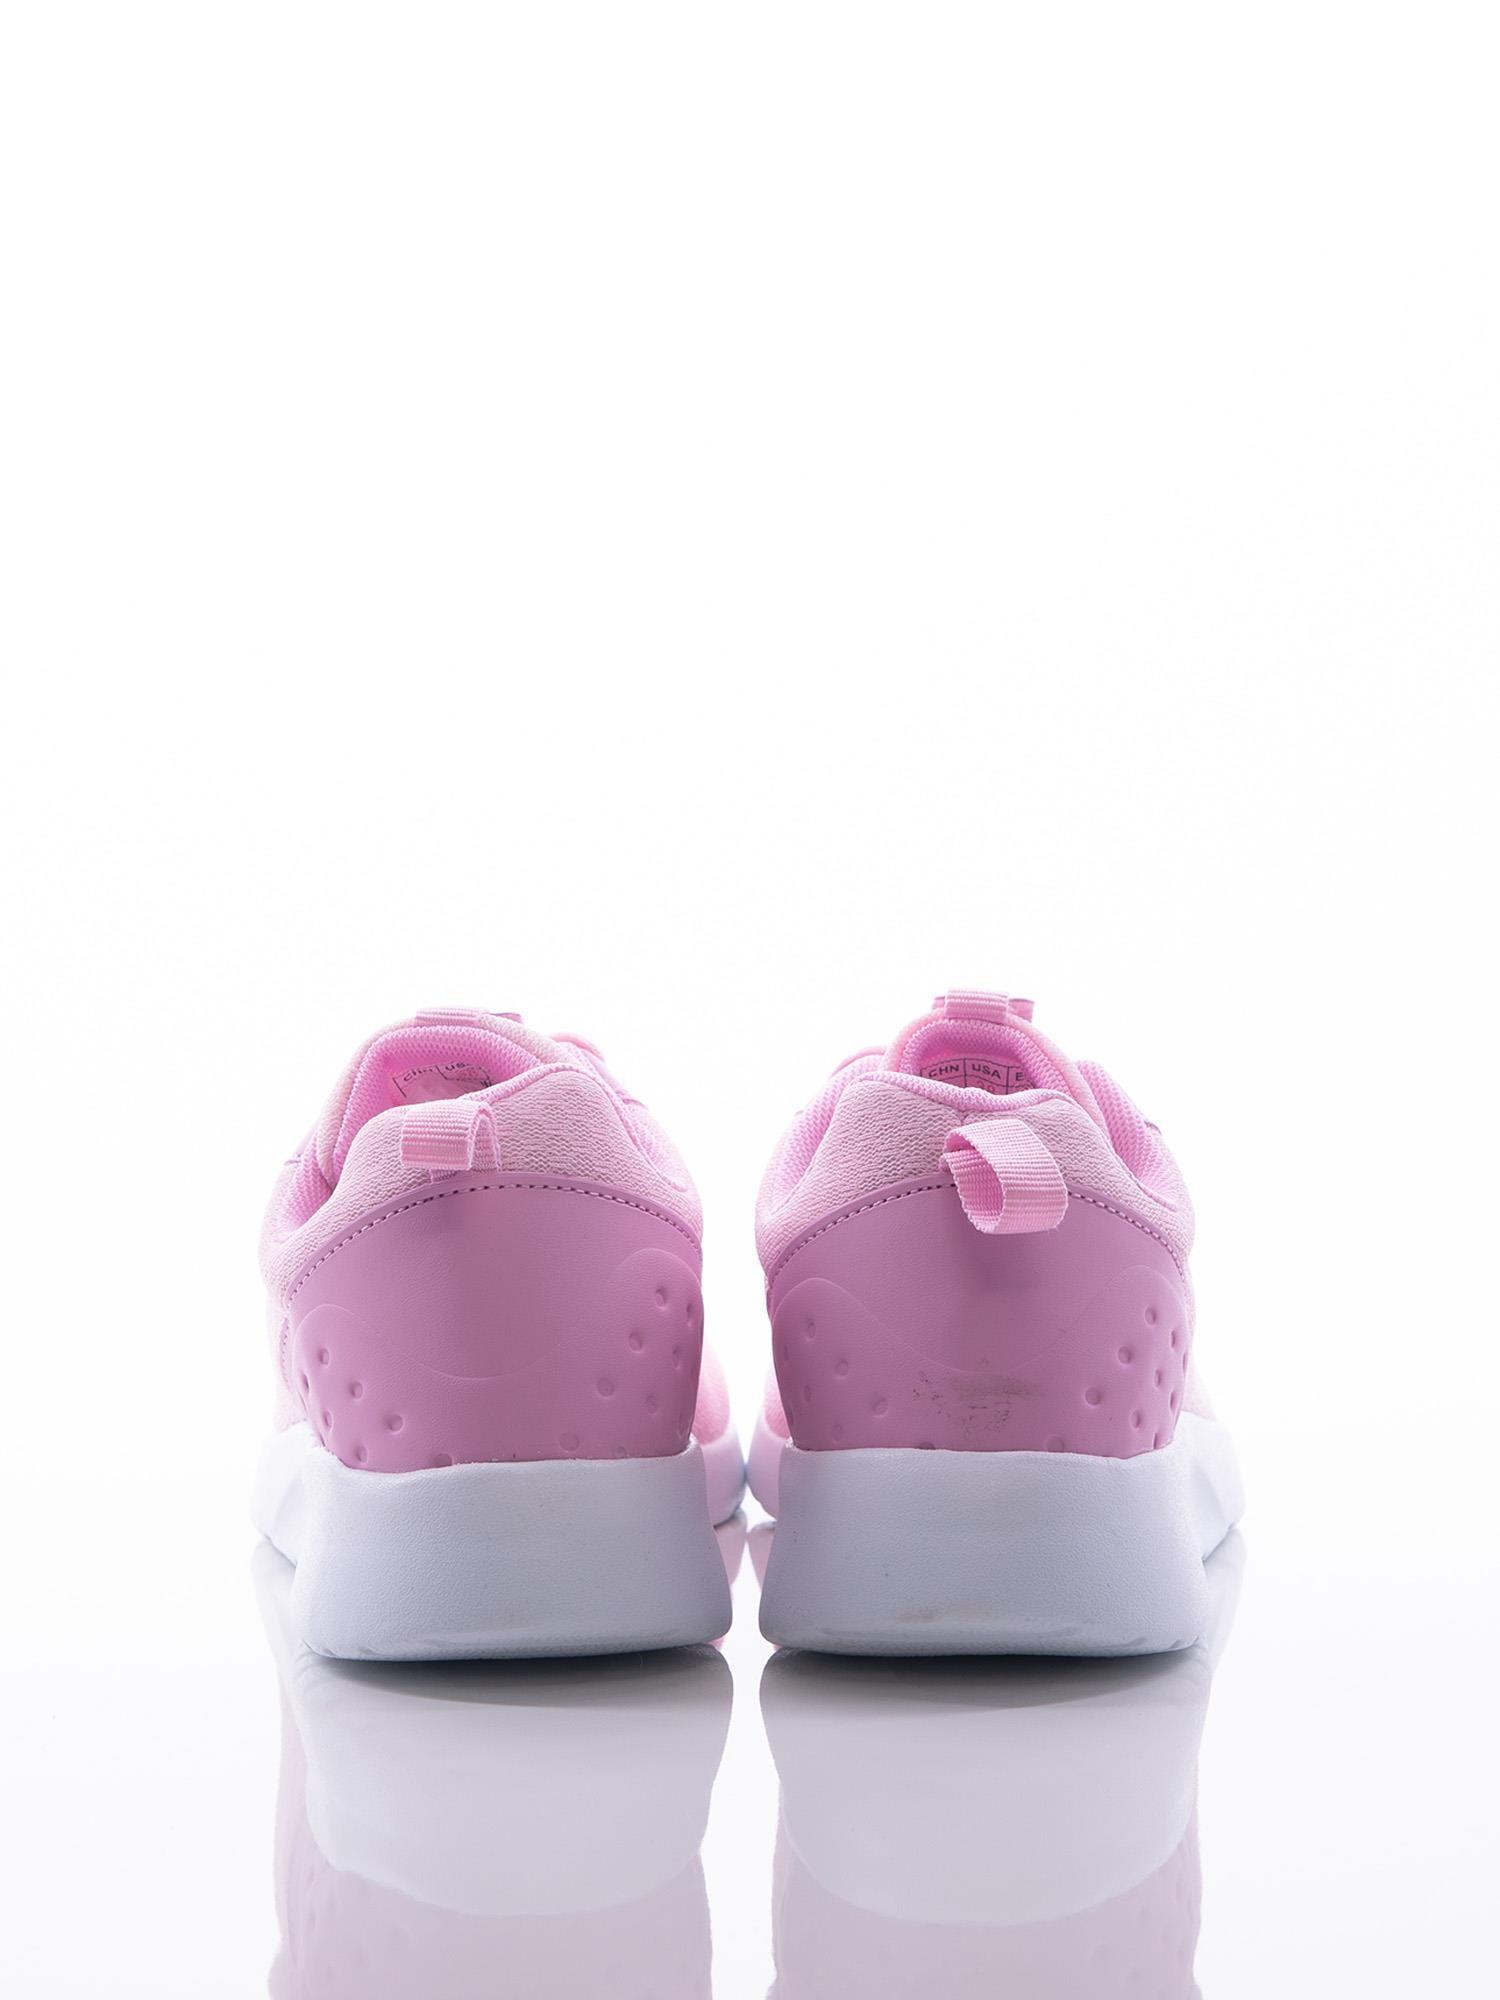 b0ea6d12253ba4 Różowe buty sportowe na sprężystej podeszwie z ciemniejszą wstawką na pięcie  - Buty Buty sportowe - sklep eButik.pl